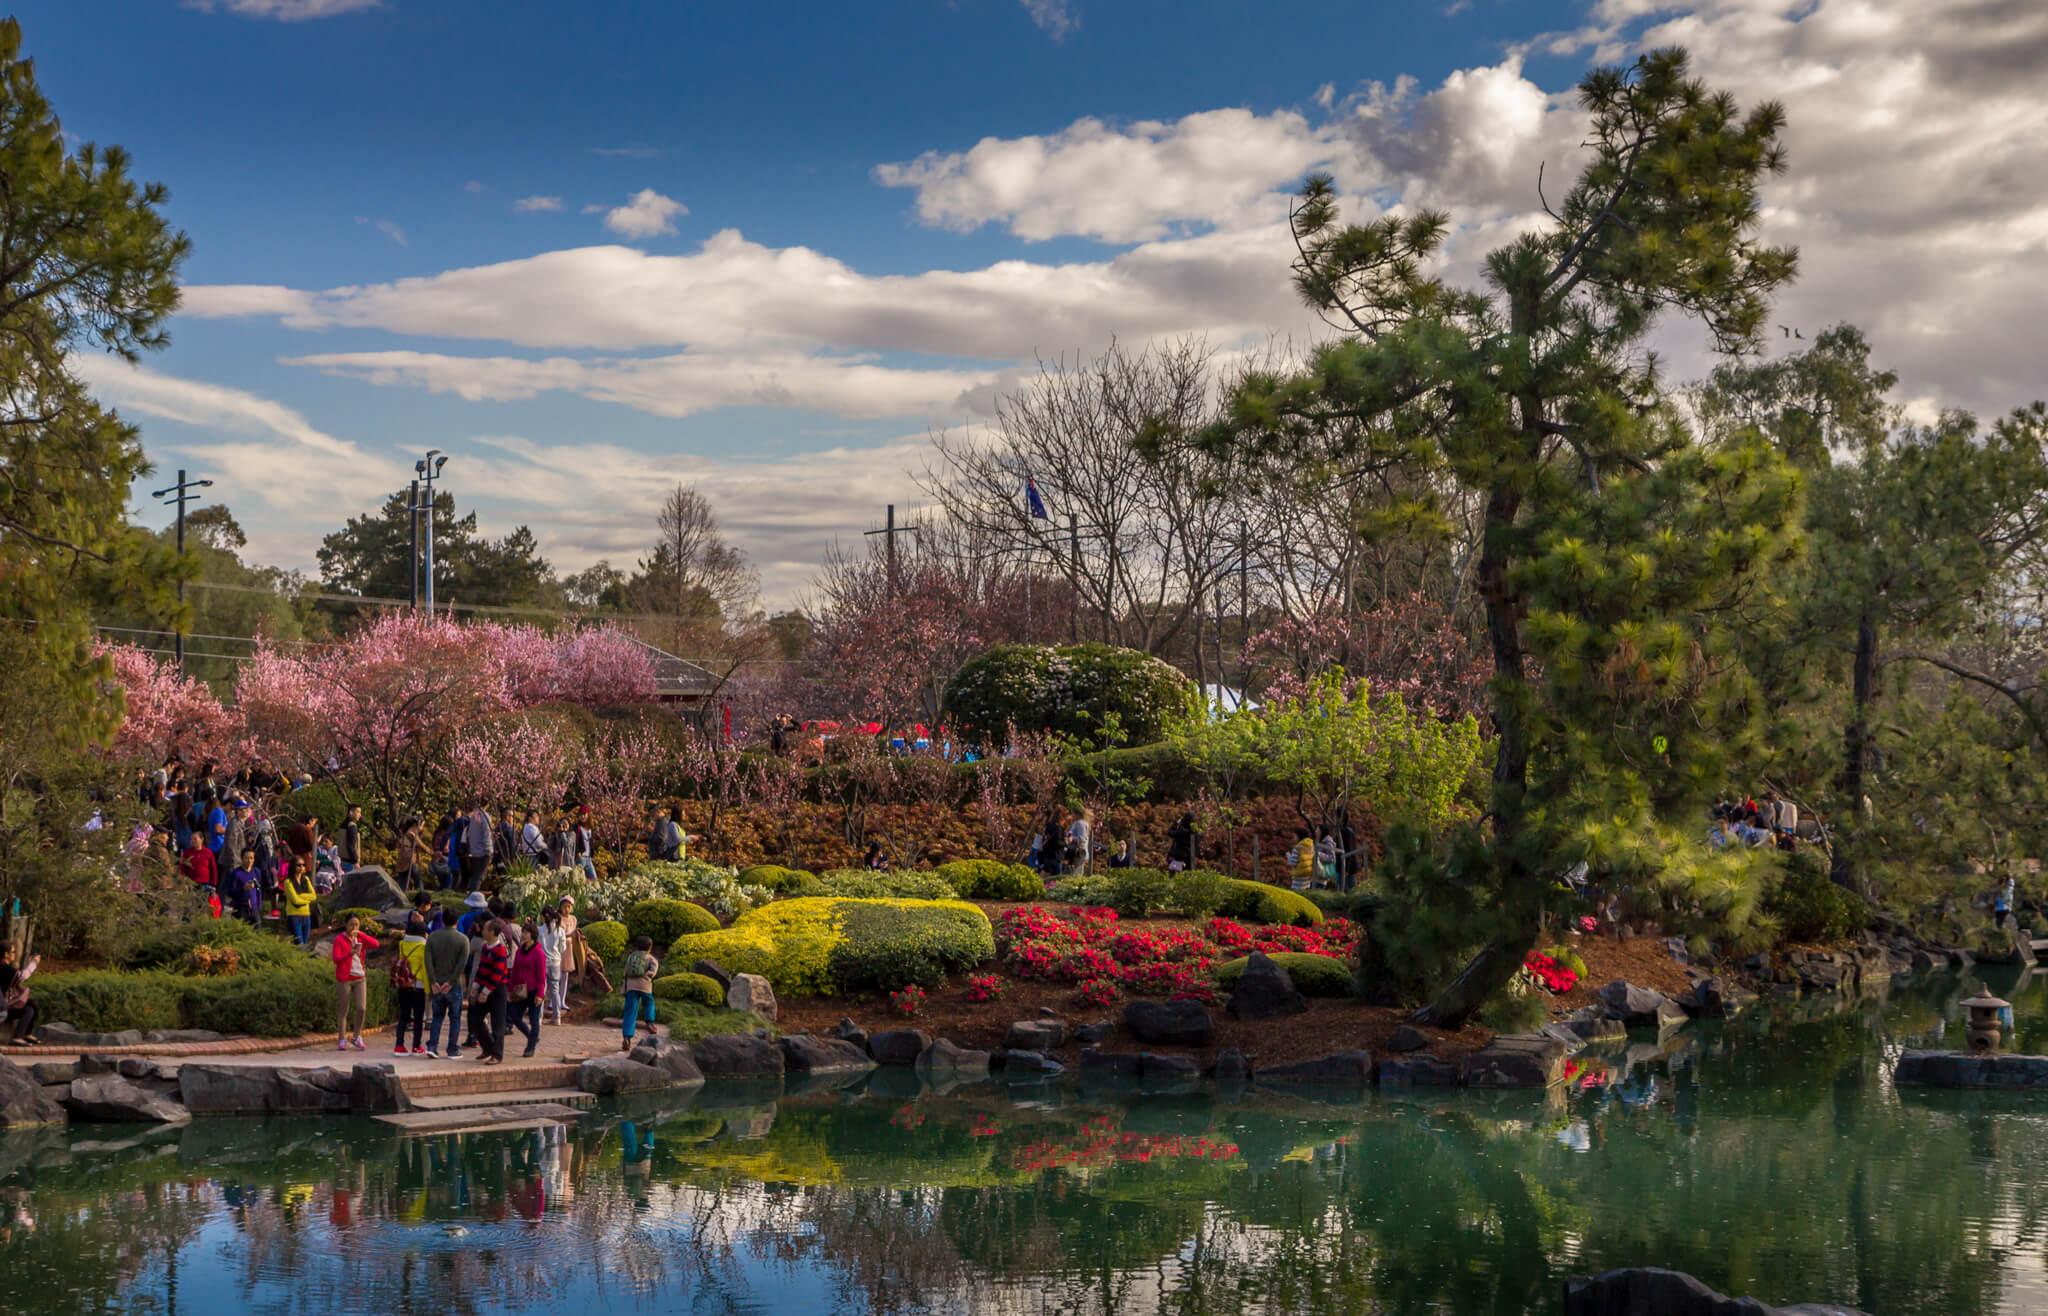 Cherry Blossom Festival in Auburn Botanical Gardens | Aussie Weekend